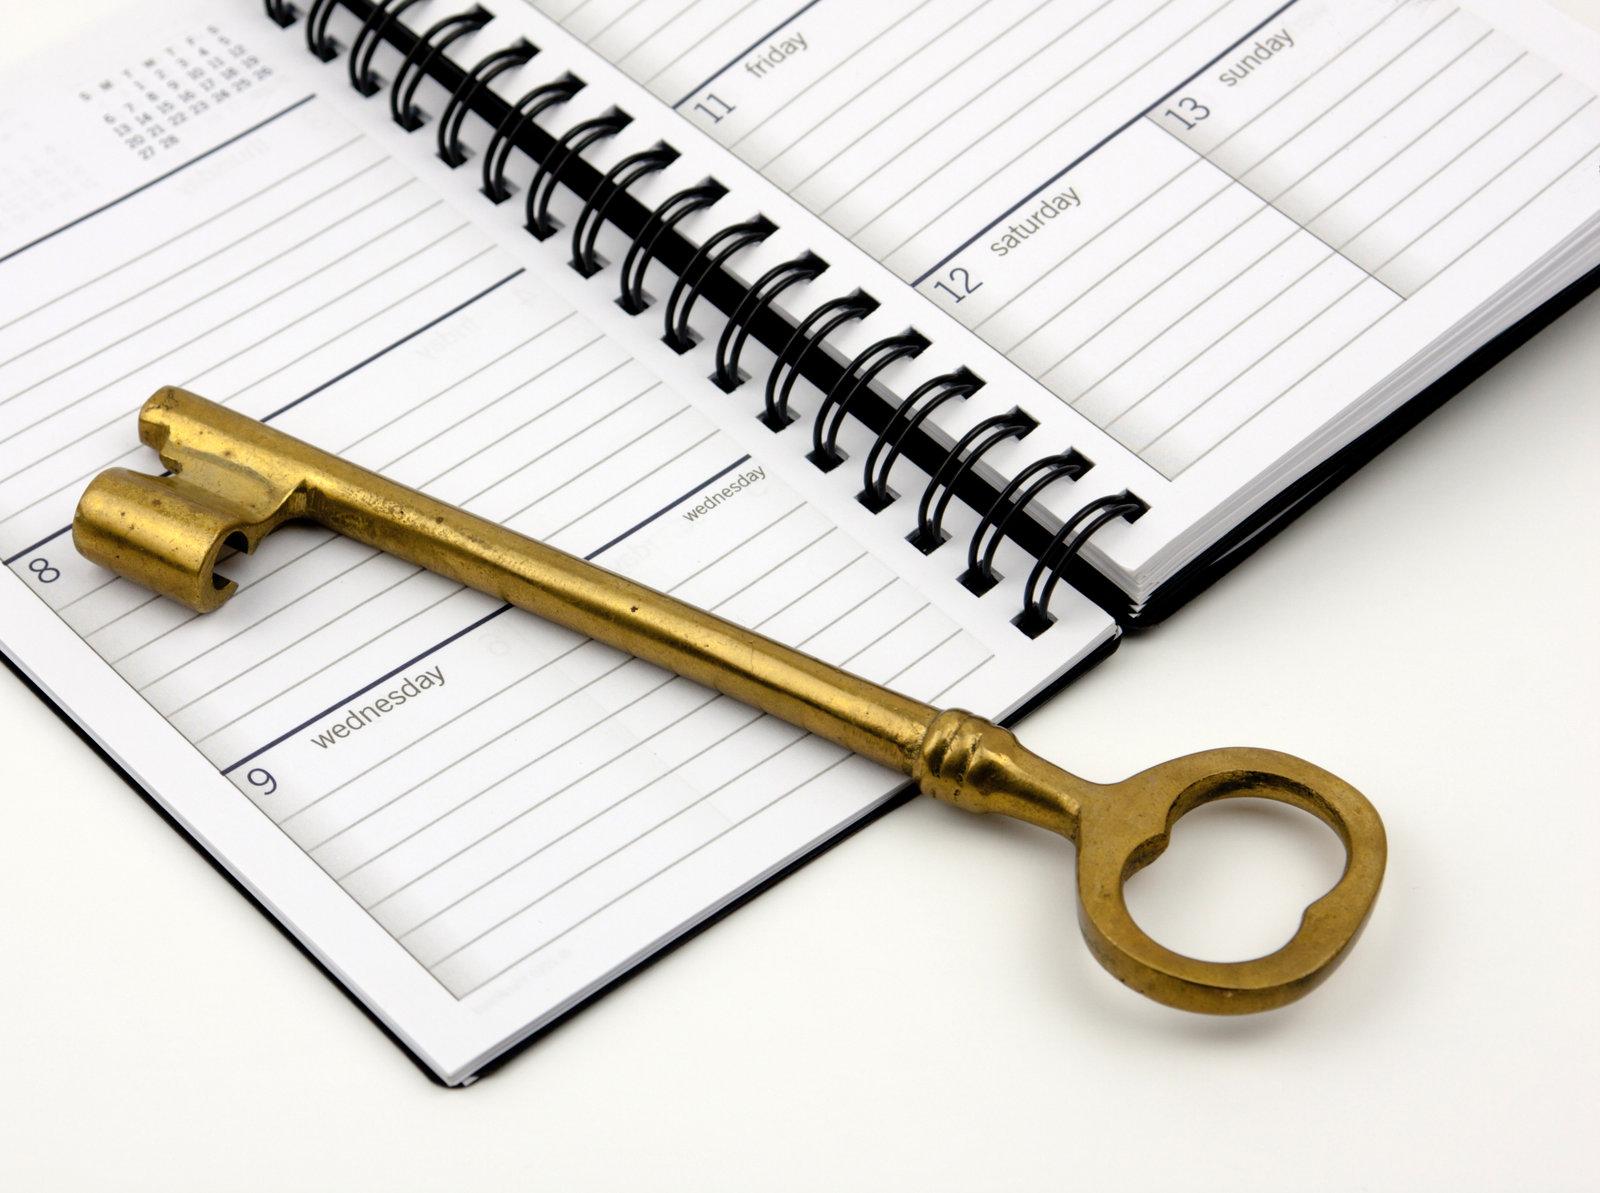 golden key on calendar planner